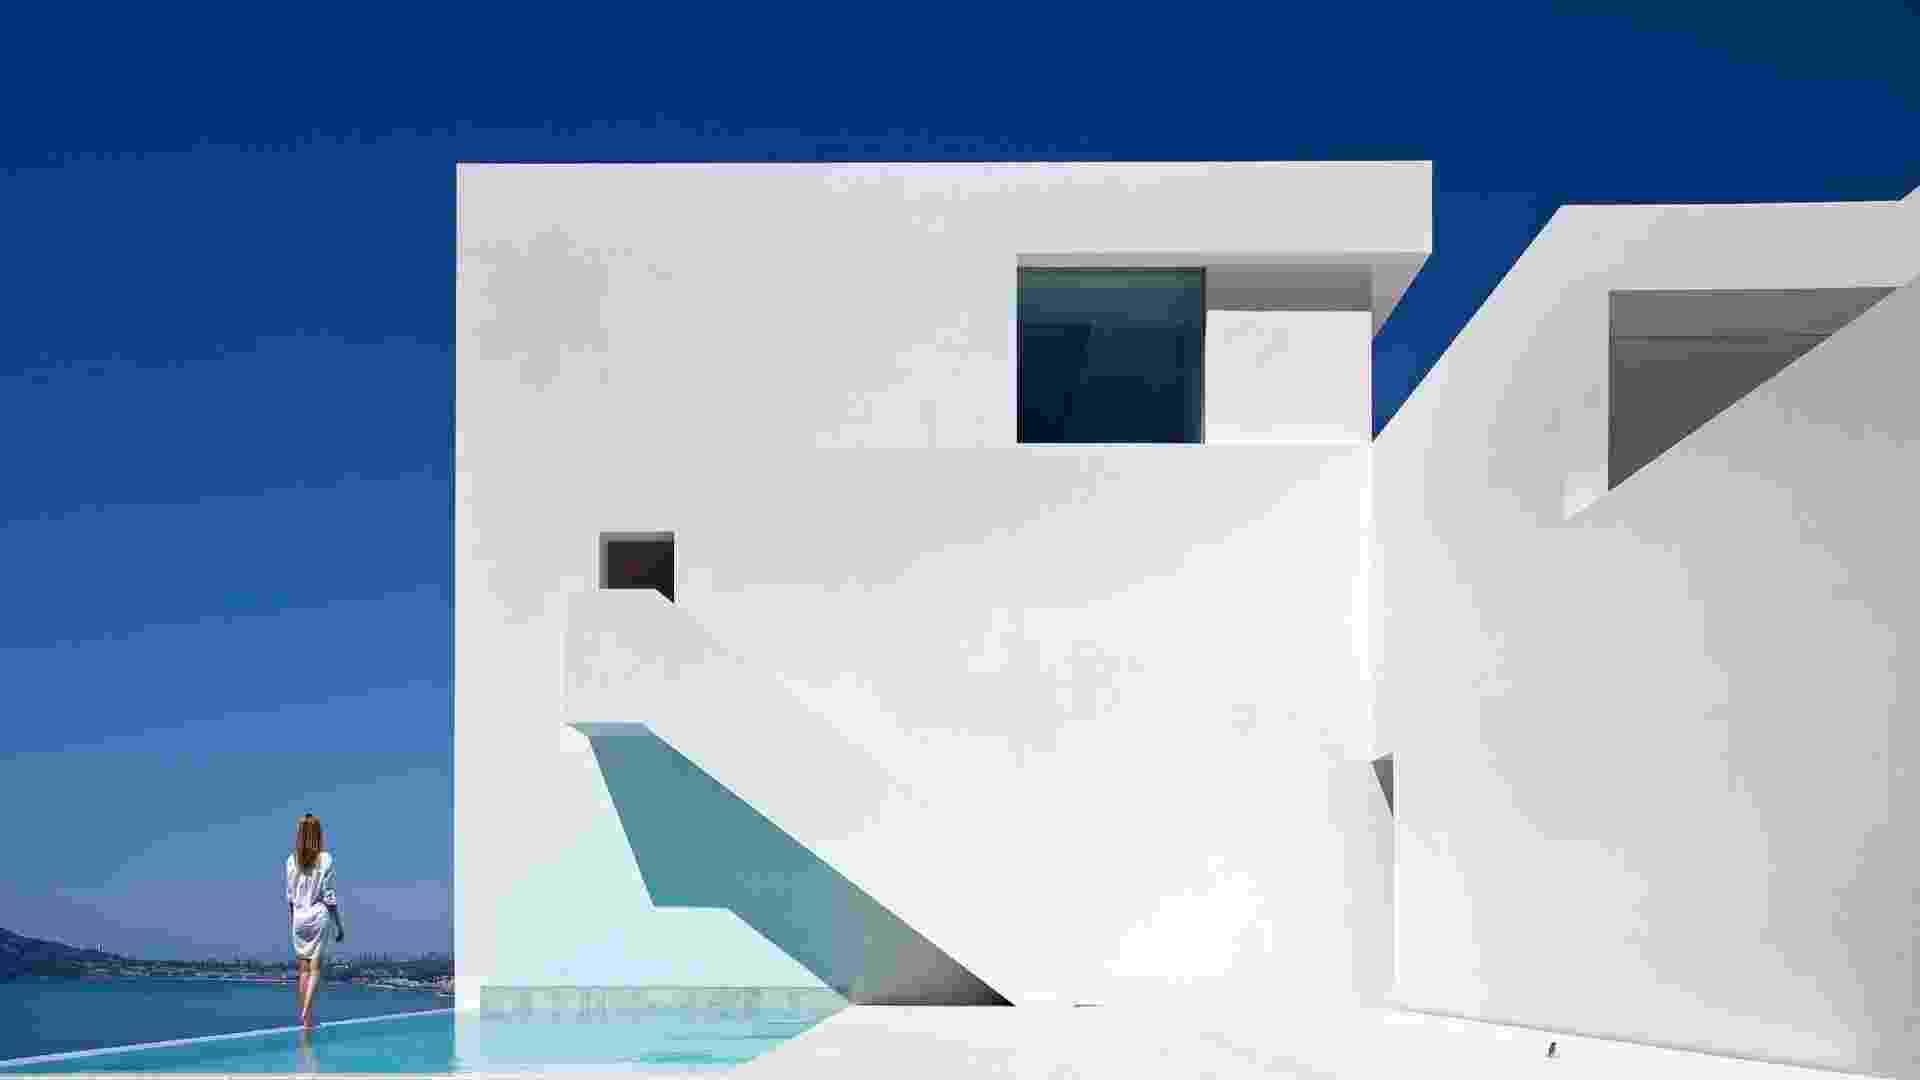 """É possível """"andar sobre a água""""? Na Casa do Penhasco, a piscina fica na cota mais baixa do terreno (em relação ao bloco residencial) e serve para trazer a paisagem para mais perto da casa. Sob o sol, a piscina se torna uma enseada tranquila e  convida à contemplação. A obra foi projetada pelo escritório Fran Silvestre Arquitectos, em Calpe, Alicante, no litoral da Espanha - Diego Opazo/ Divulgação"""